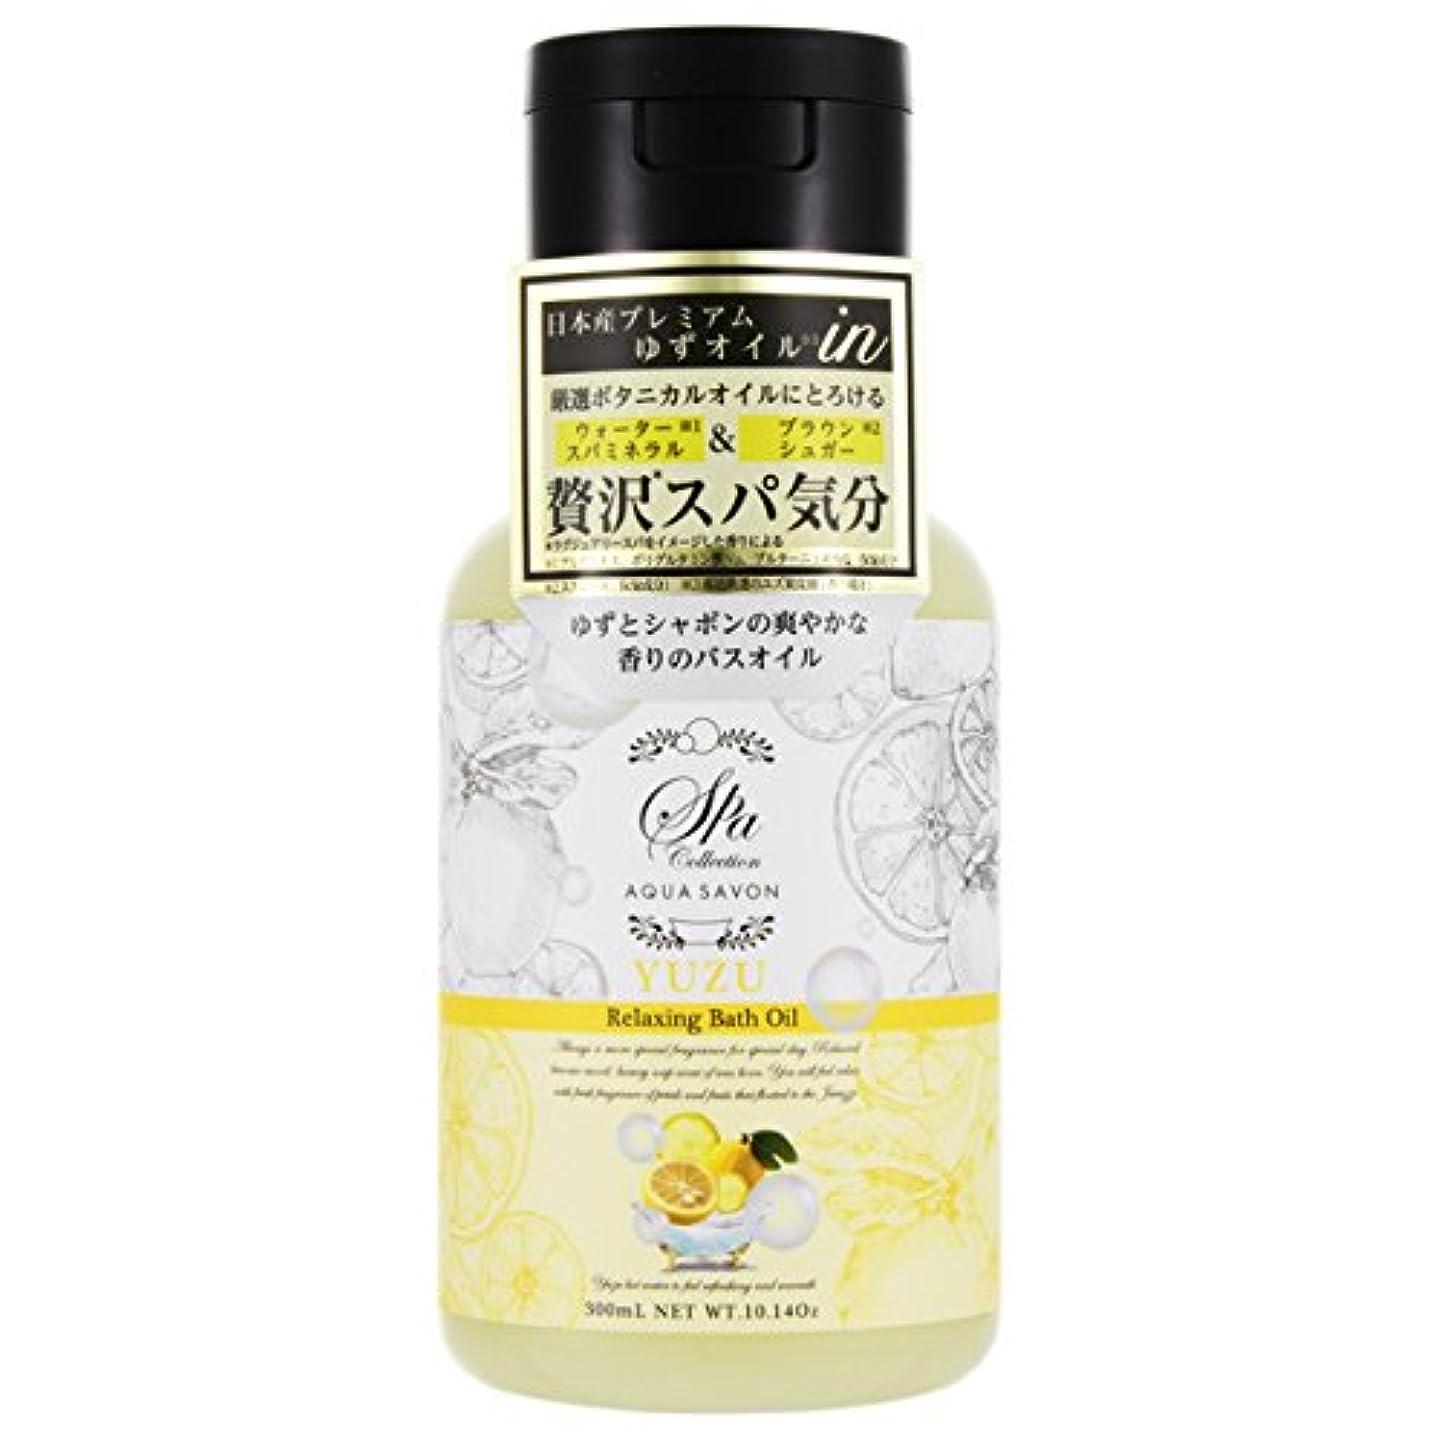 奇妙なファイアルダイヤルアクアシャボン スパコレクション リラクシングバスオイル ゆずスパの香り 300ml 【アクアシャボン】